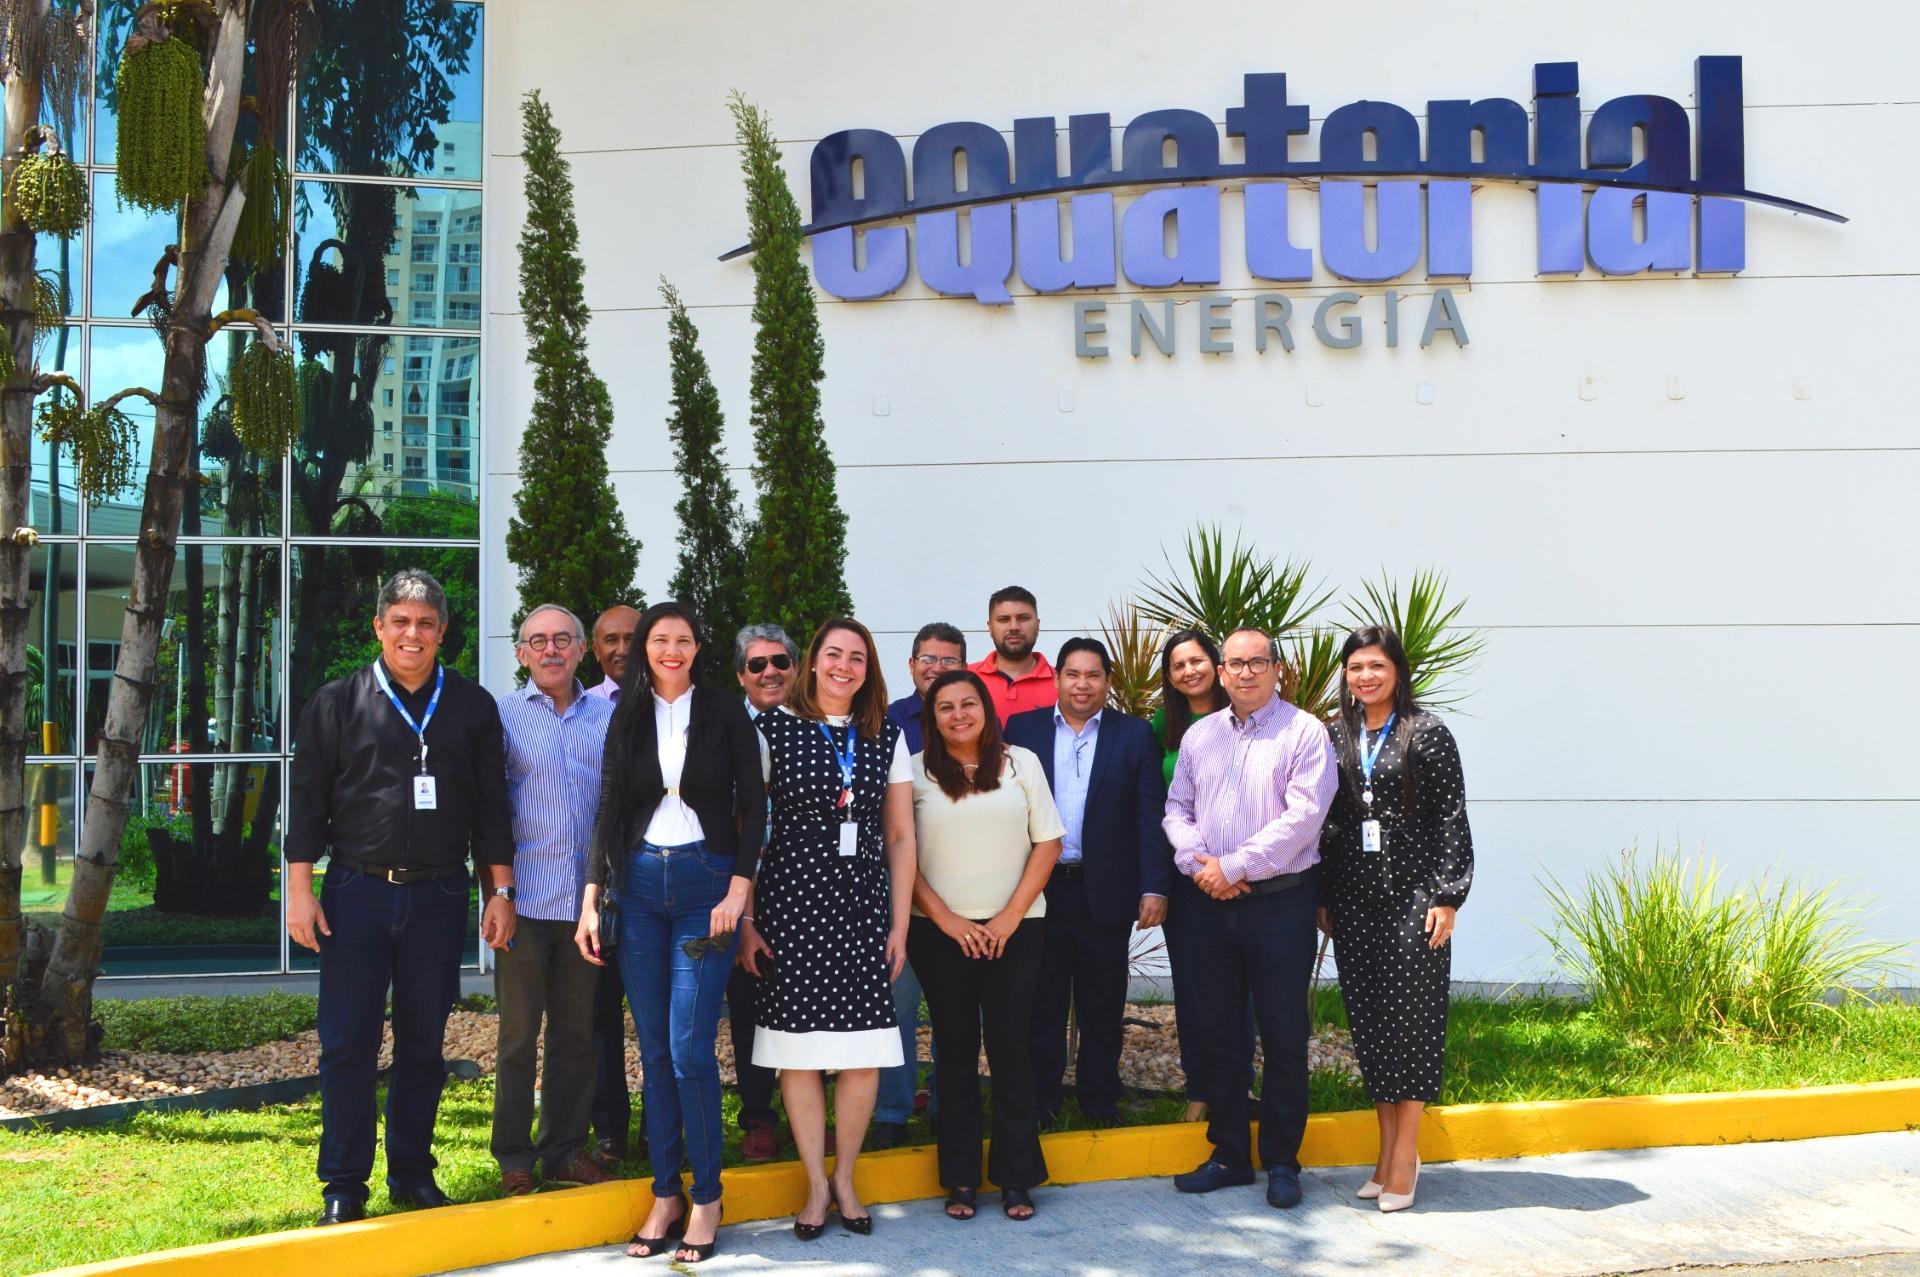 Presidente da Equatorial Maranhão Augusto Dantas ao lado de Gerentes e Diretores da Companhia e os Prefeitos dos municípios contemplados pelo Programa Procel Reluz.